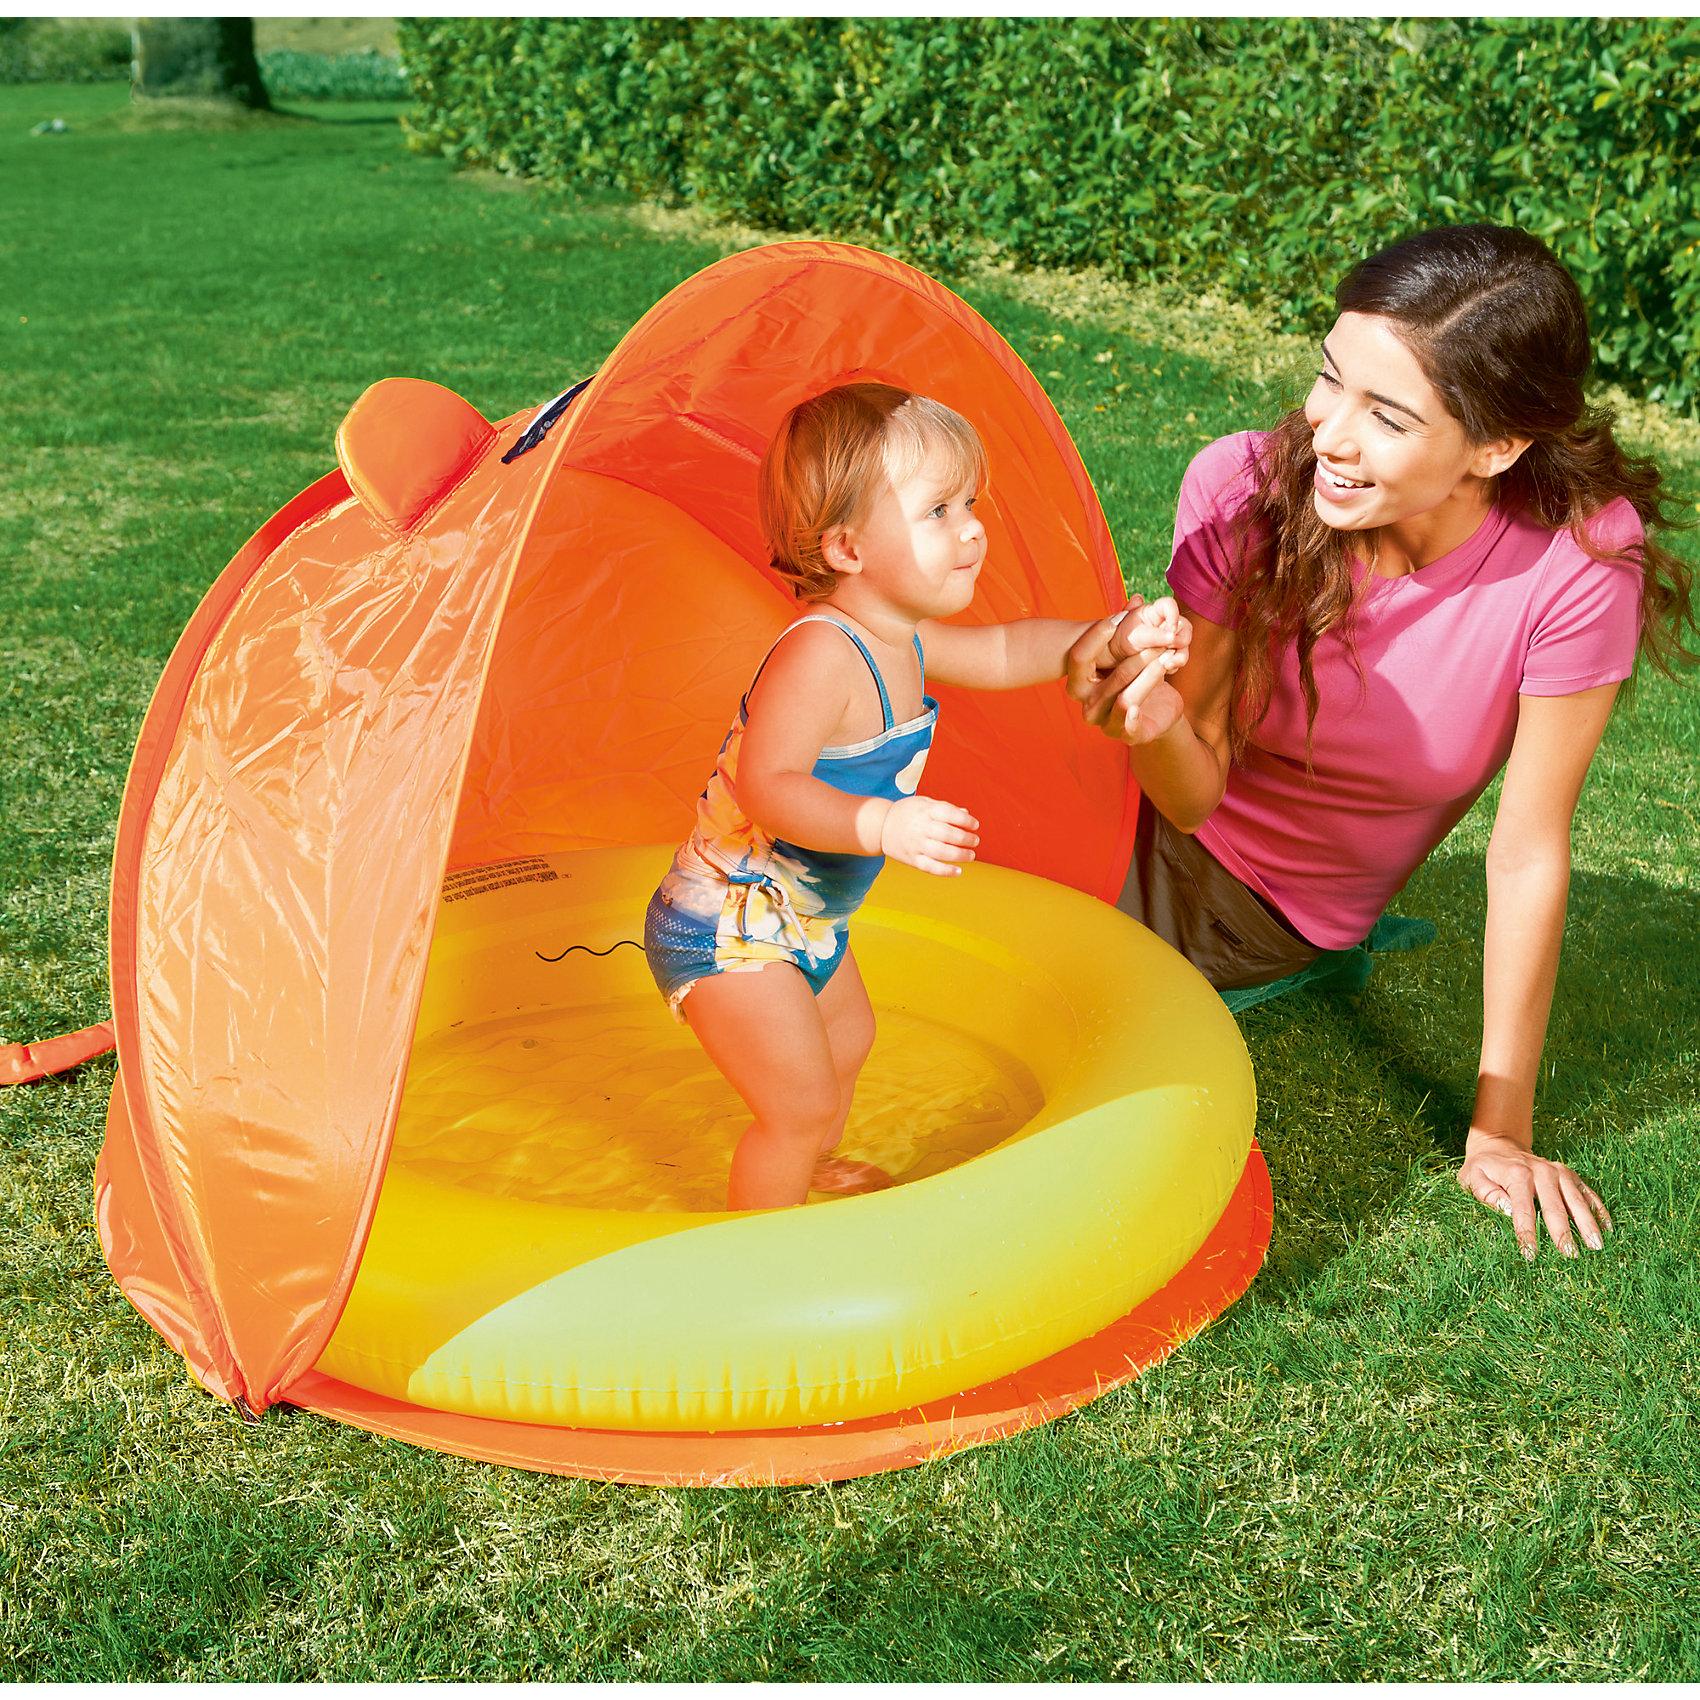 Детский надувной бассейн со складным навесом, Bestway